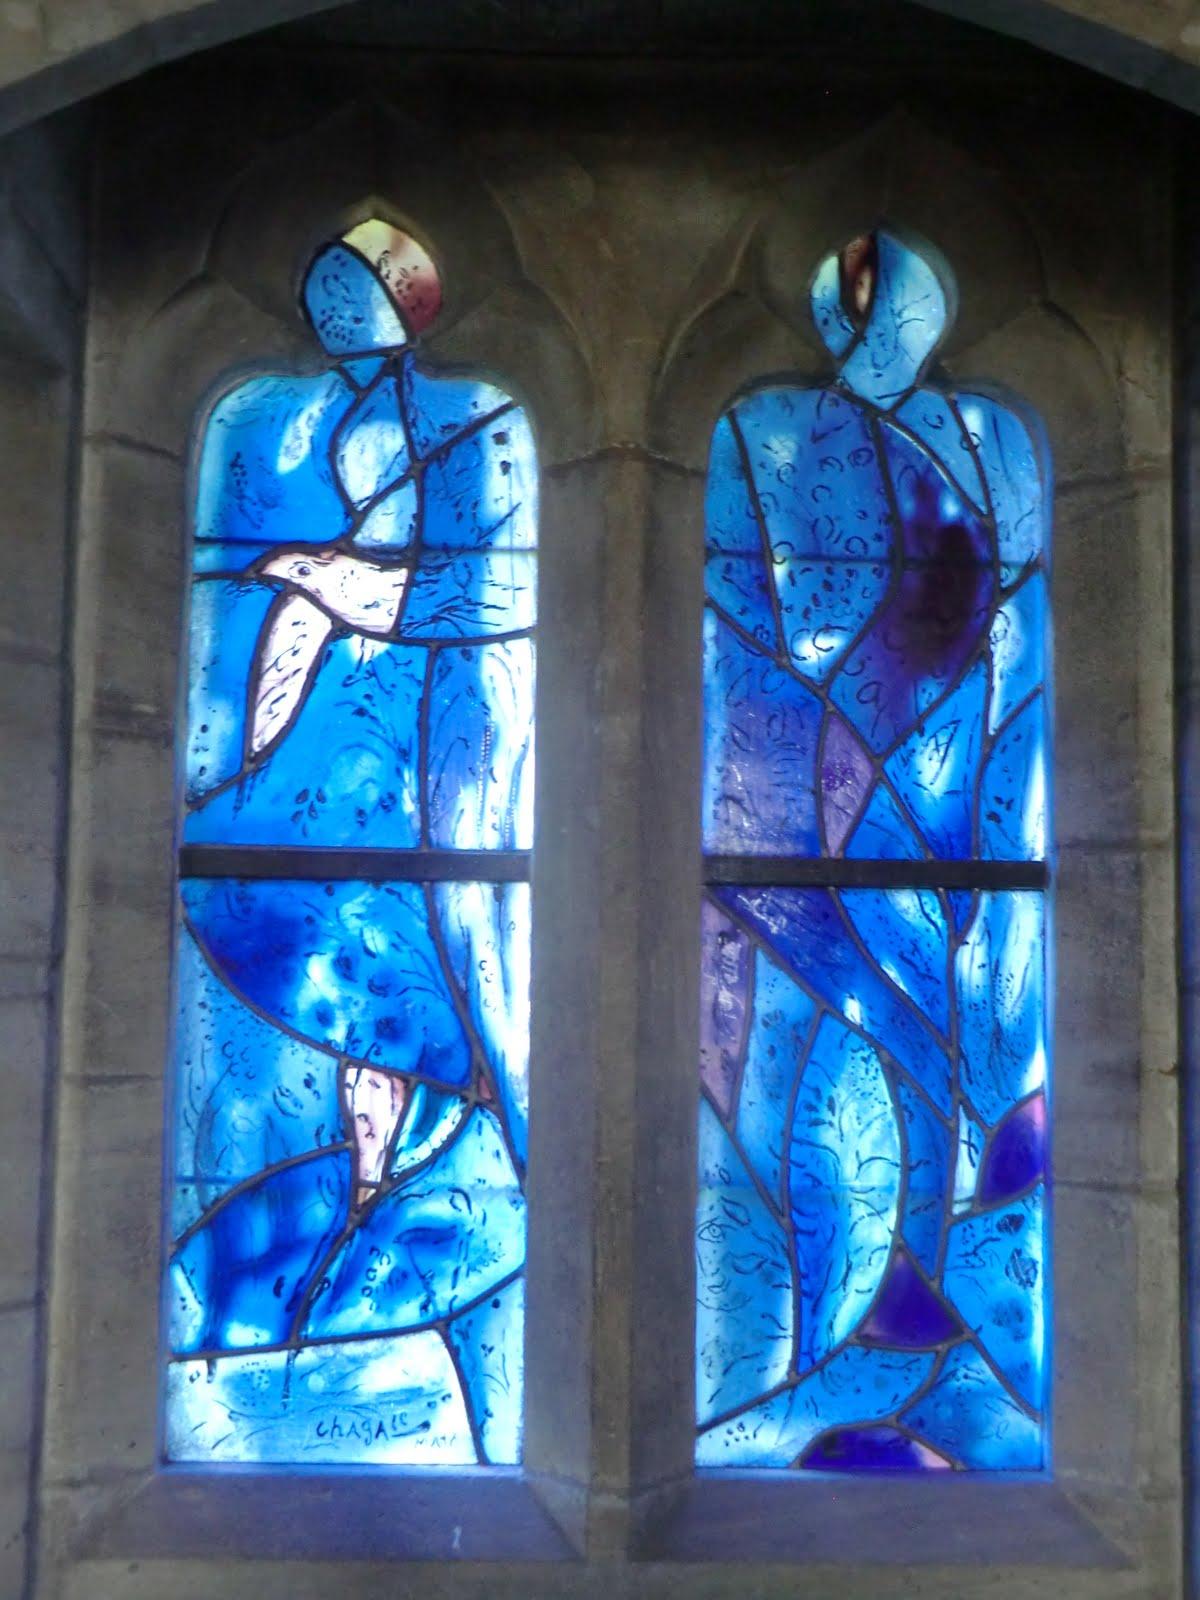 CIMG1562 Chagall window #4, All Saints church